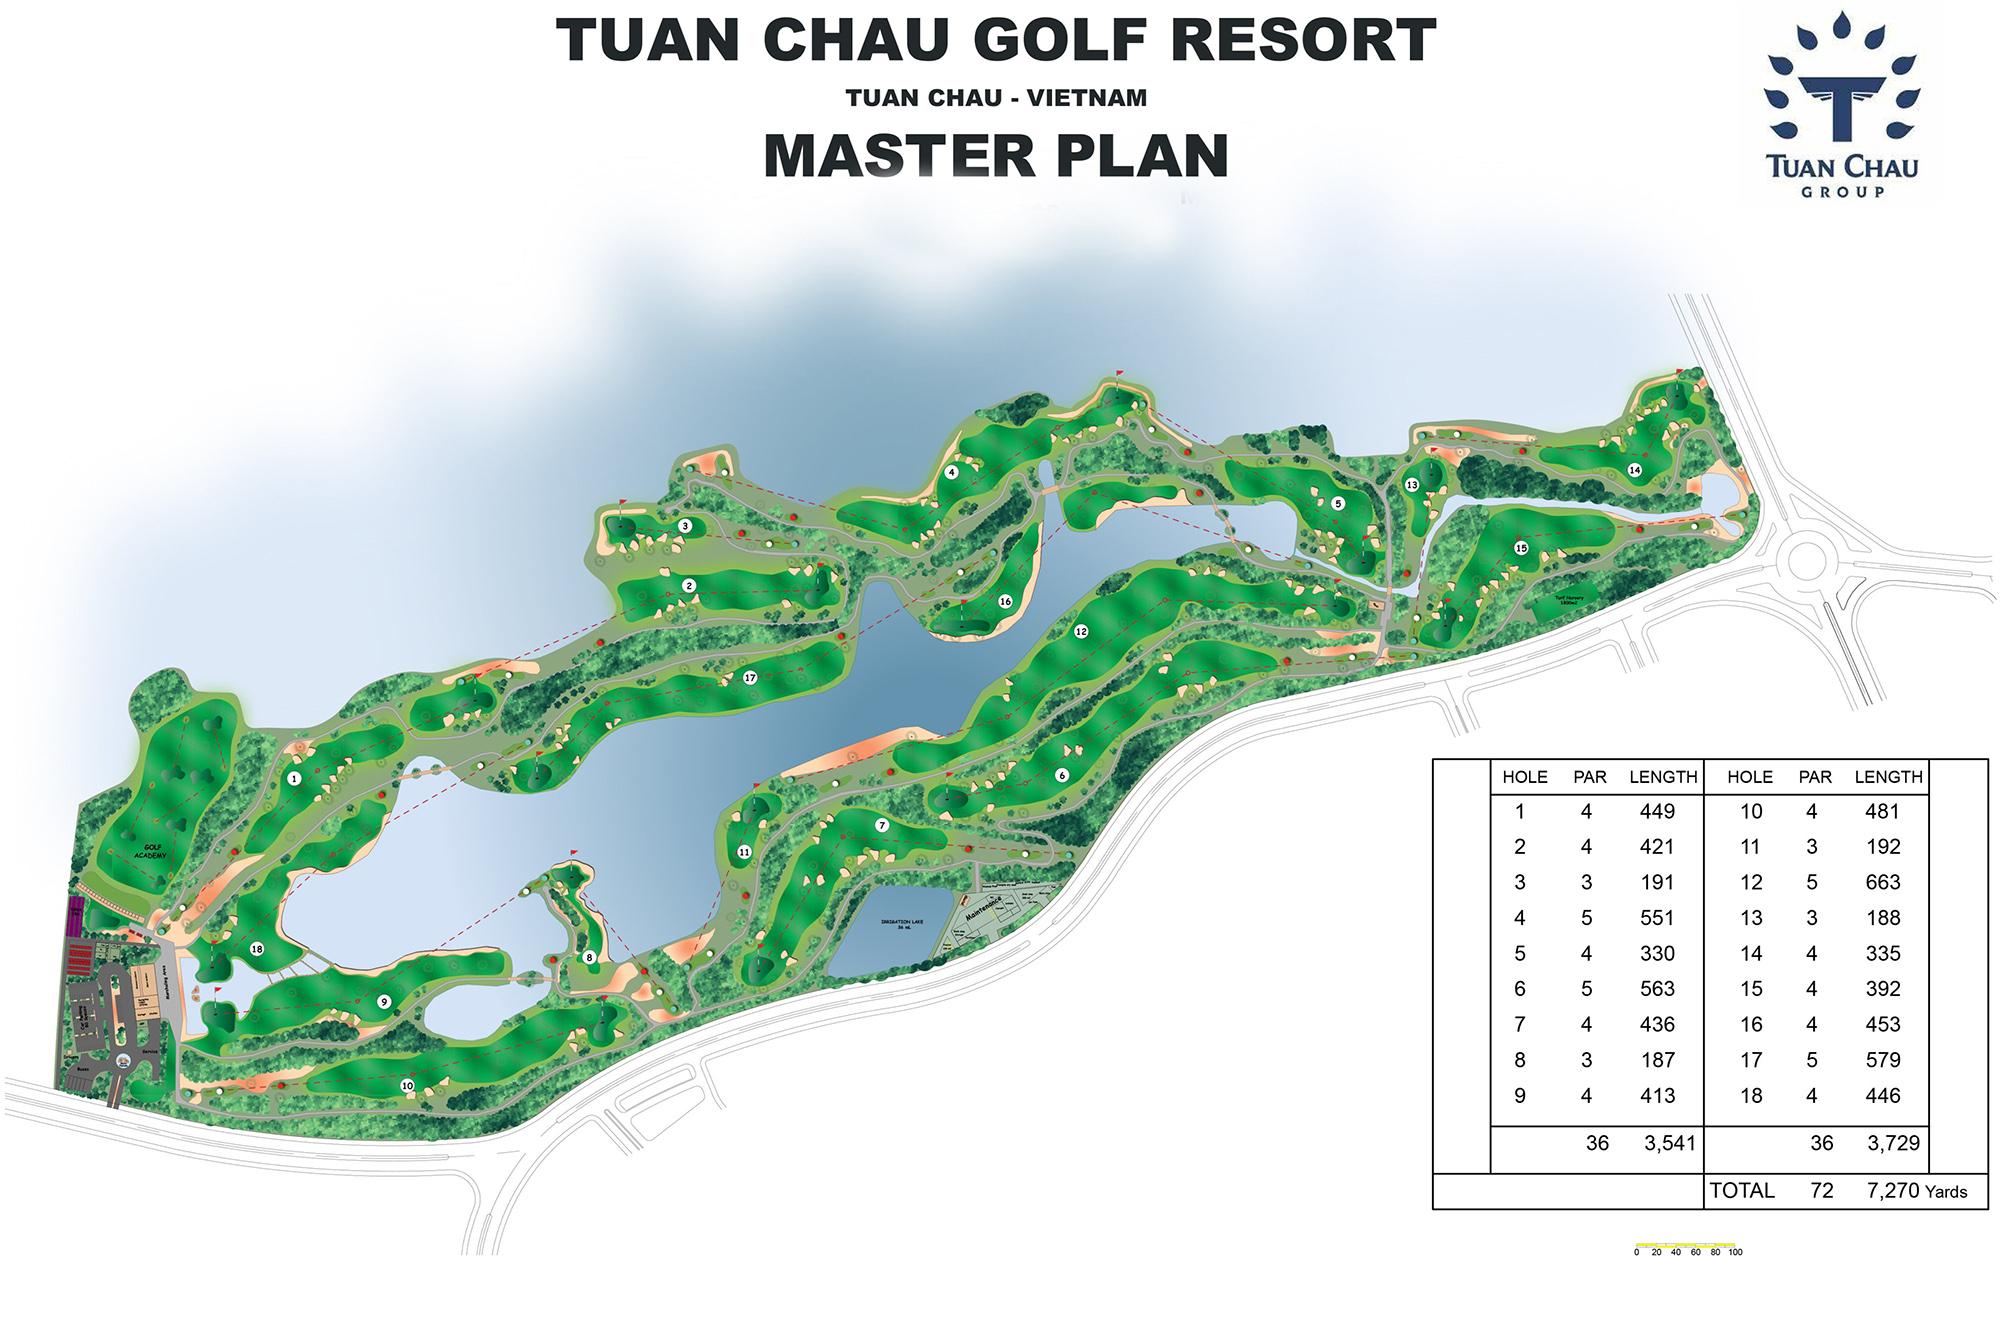 Sân golf lớn nhất Quảng Ninh trị giá 1.500 tỷ đồng sẽ đưa vào khai thác trong tháng 6/2021 - Ảnh 1.